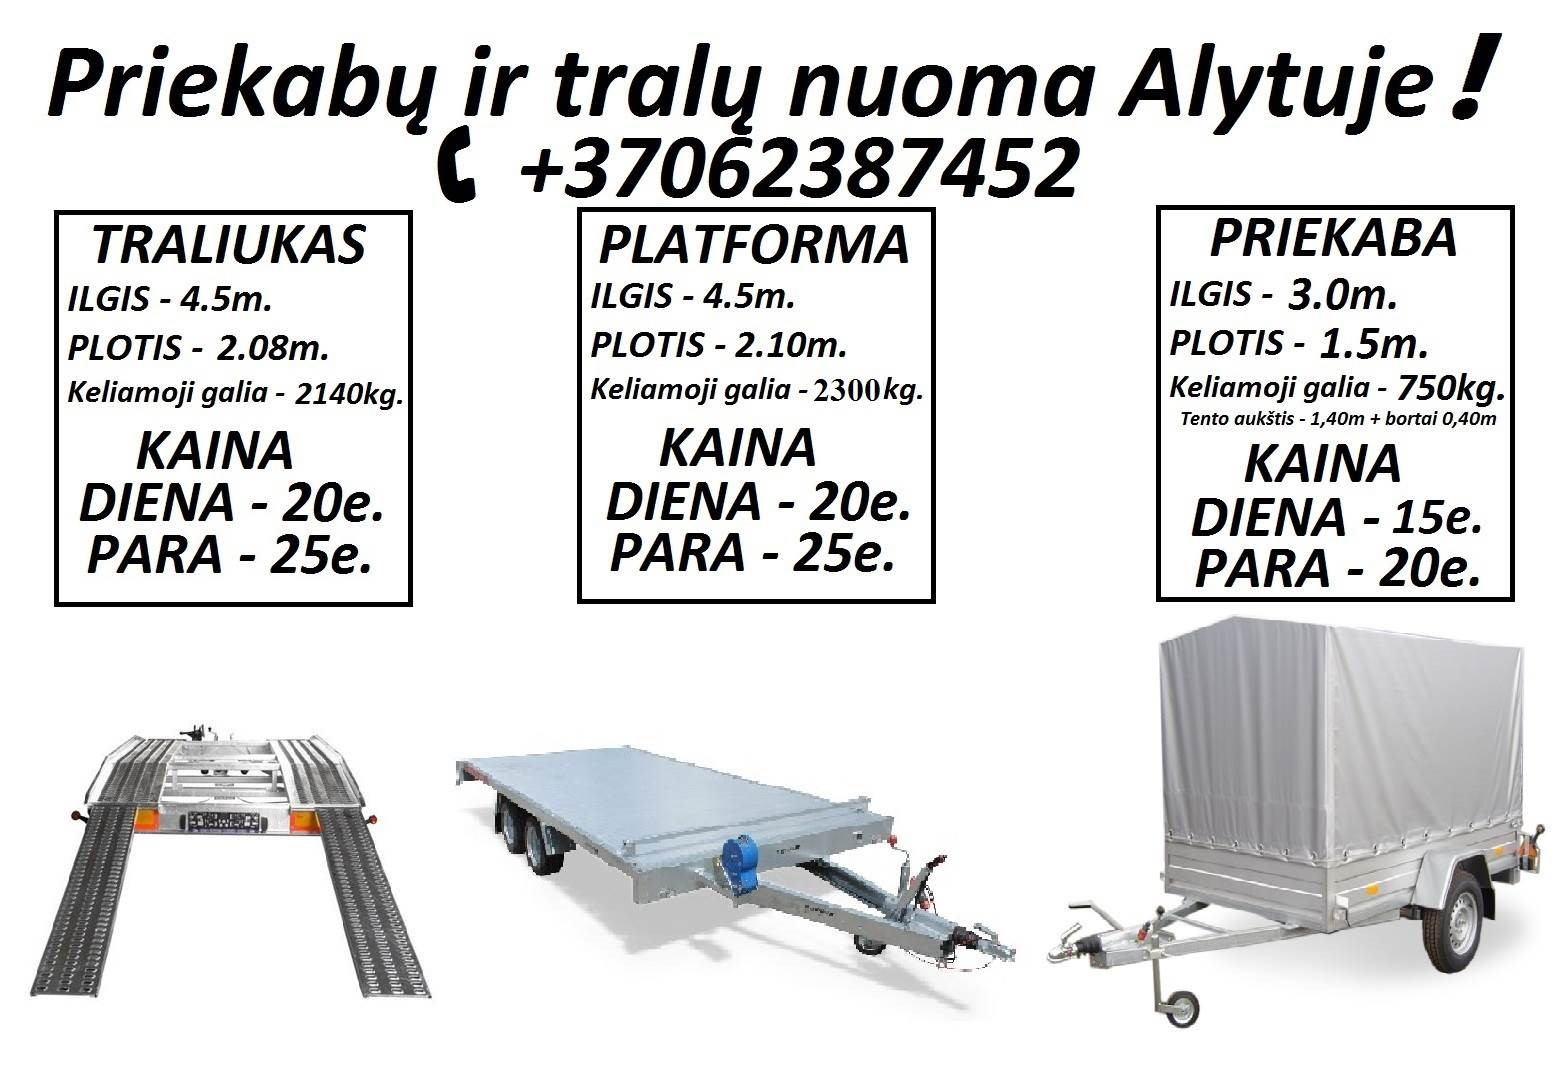 Traliukų ir priekabų nuoma Alytus! Techninė pagalba kelyje! +37062387452 www.tralunuoma.lt